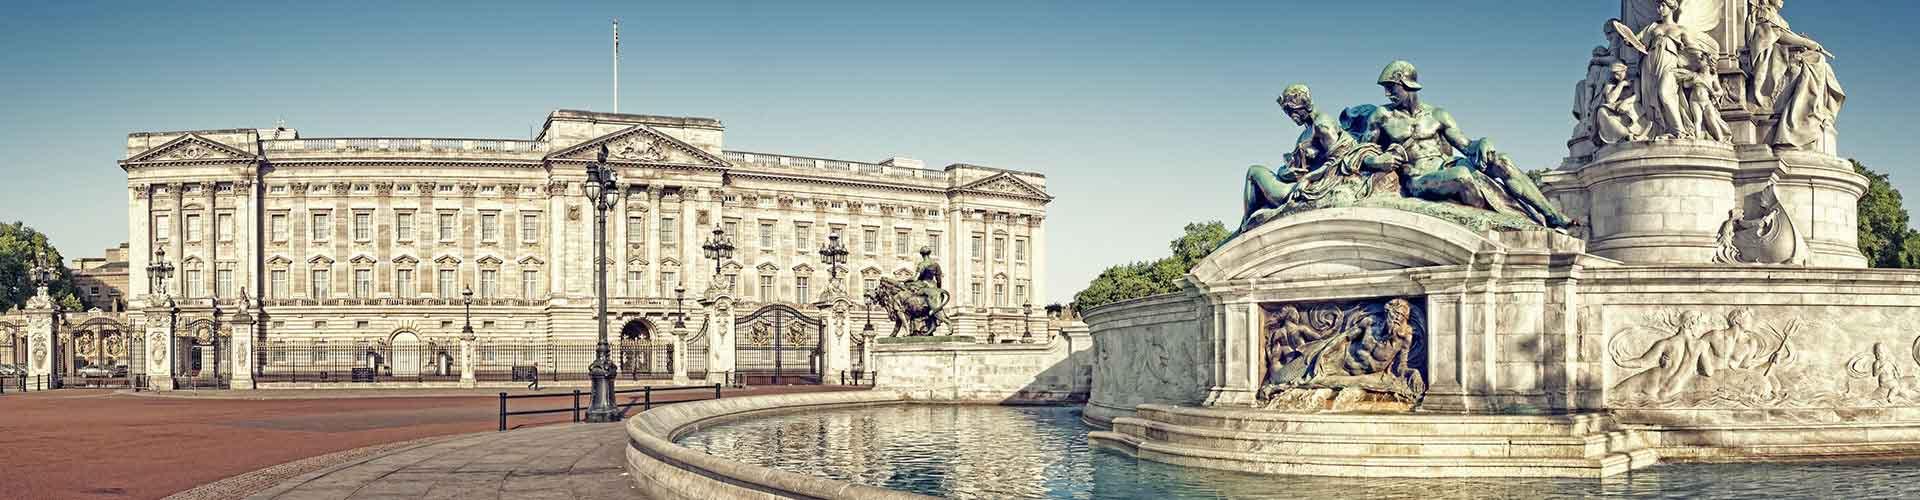 런던 - 버킹엄 궁전에 가까운 호텔. 런던의 지도, 런던에 위치한 호텔에 대한 사진 및 리뷰.